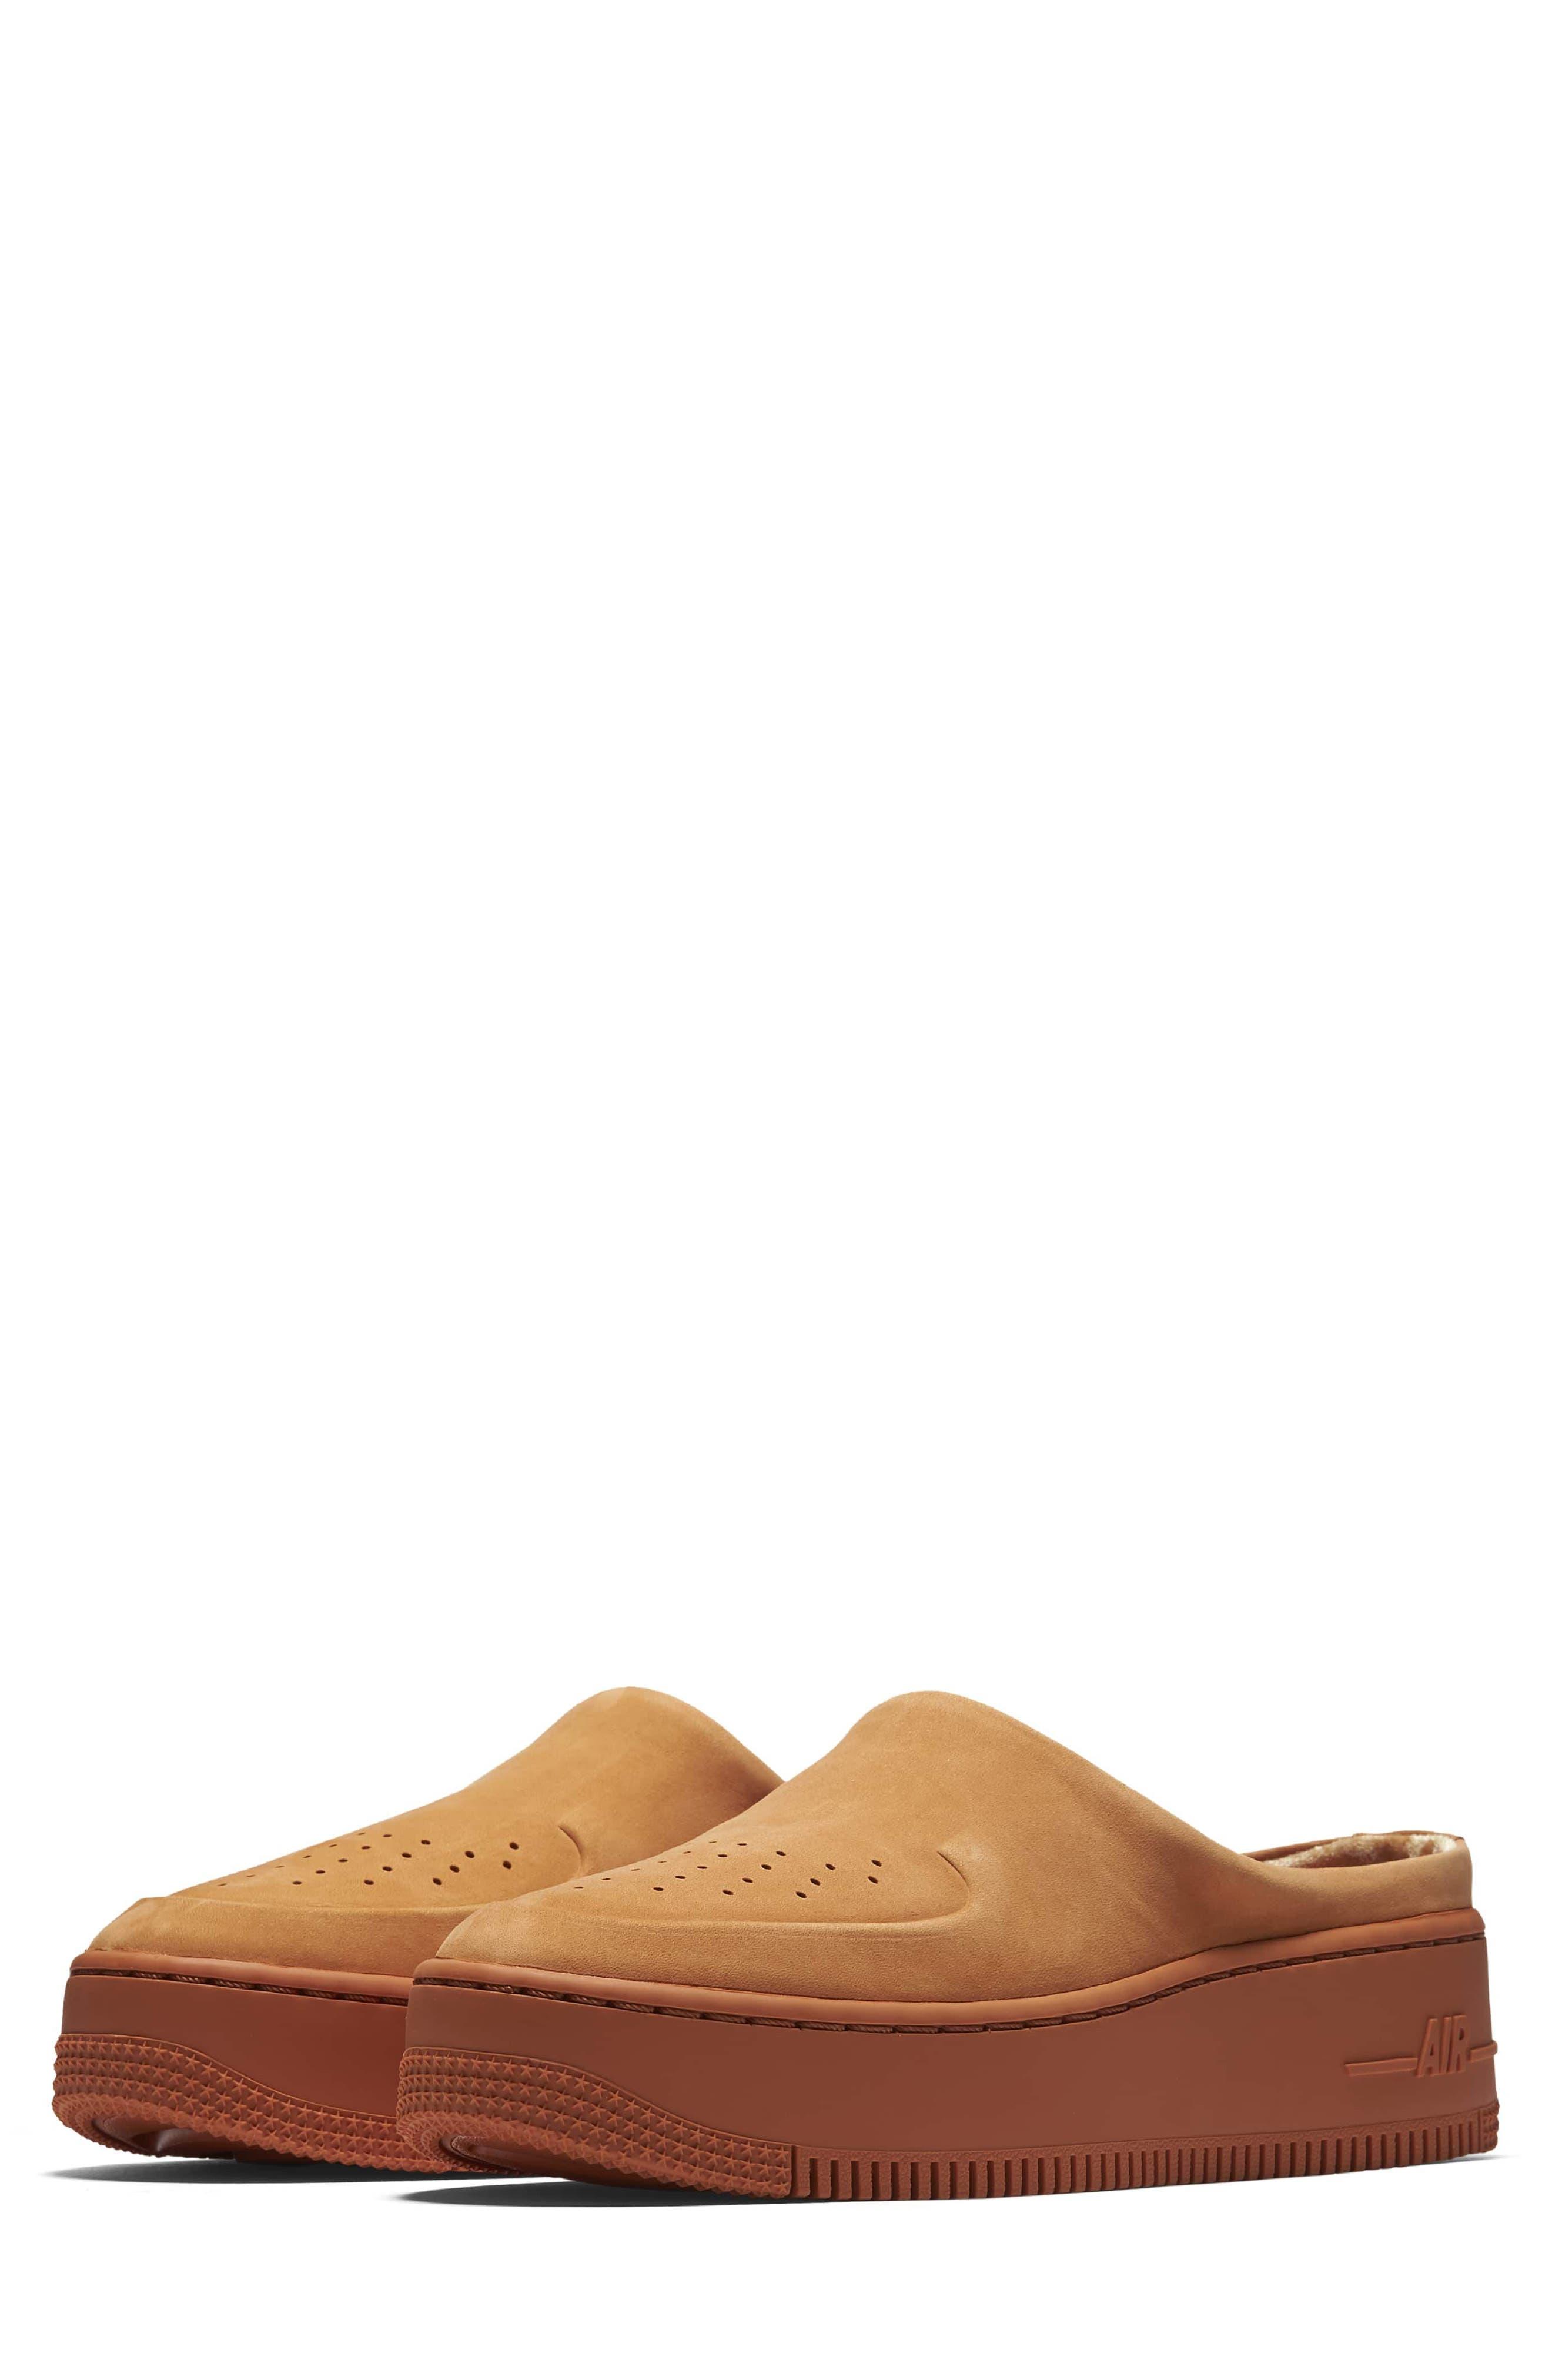 Air Force 1 Lover XX Slip-On Mule Sneaker,                         Main,                         color, Cinder Orange